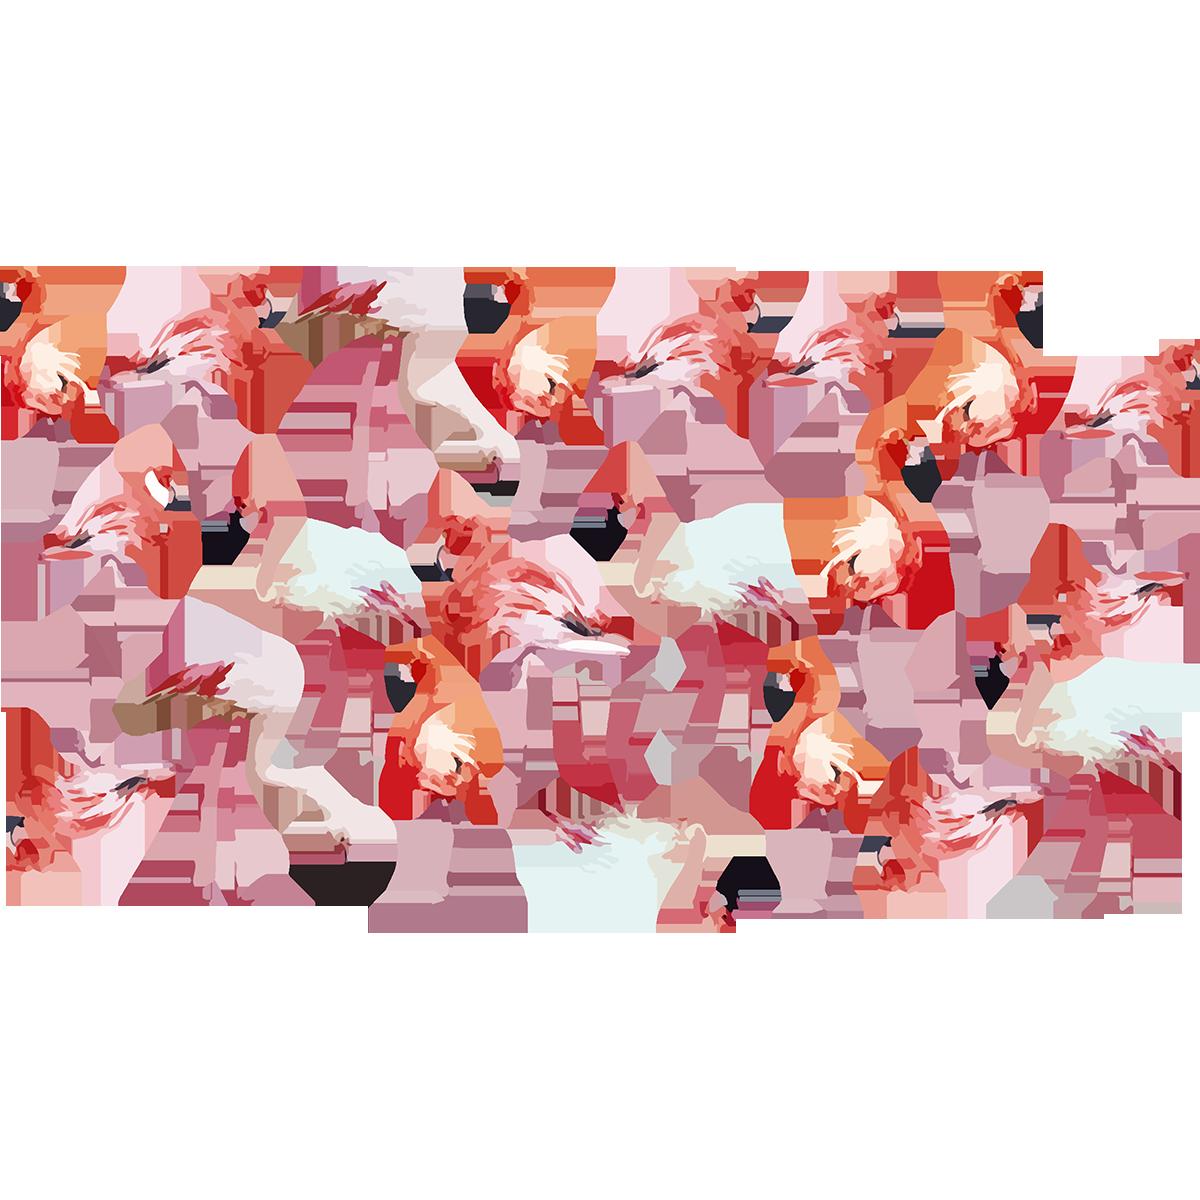 Accessoire Salle De Bain Flamant Rose ~ sticker flamants roses vintage stickers animaux oiseaux ambiance